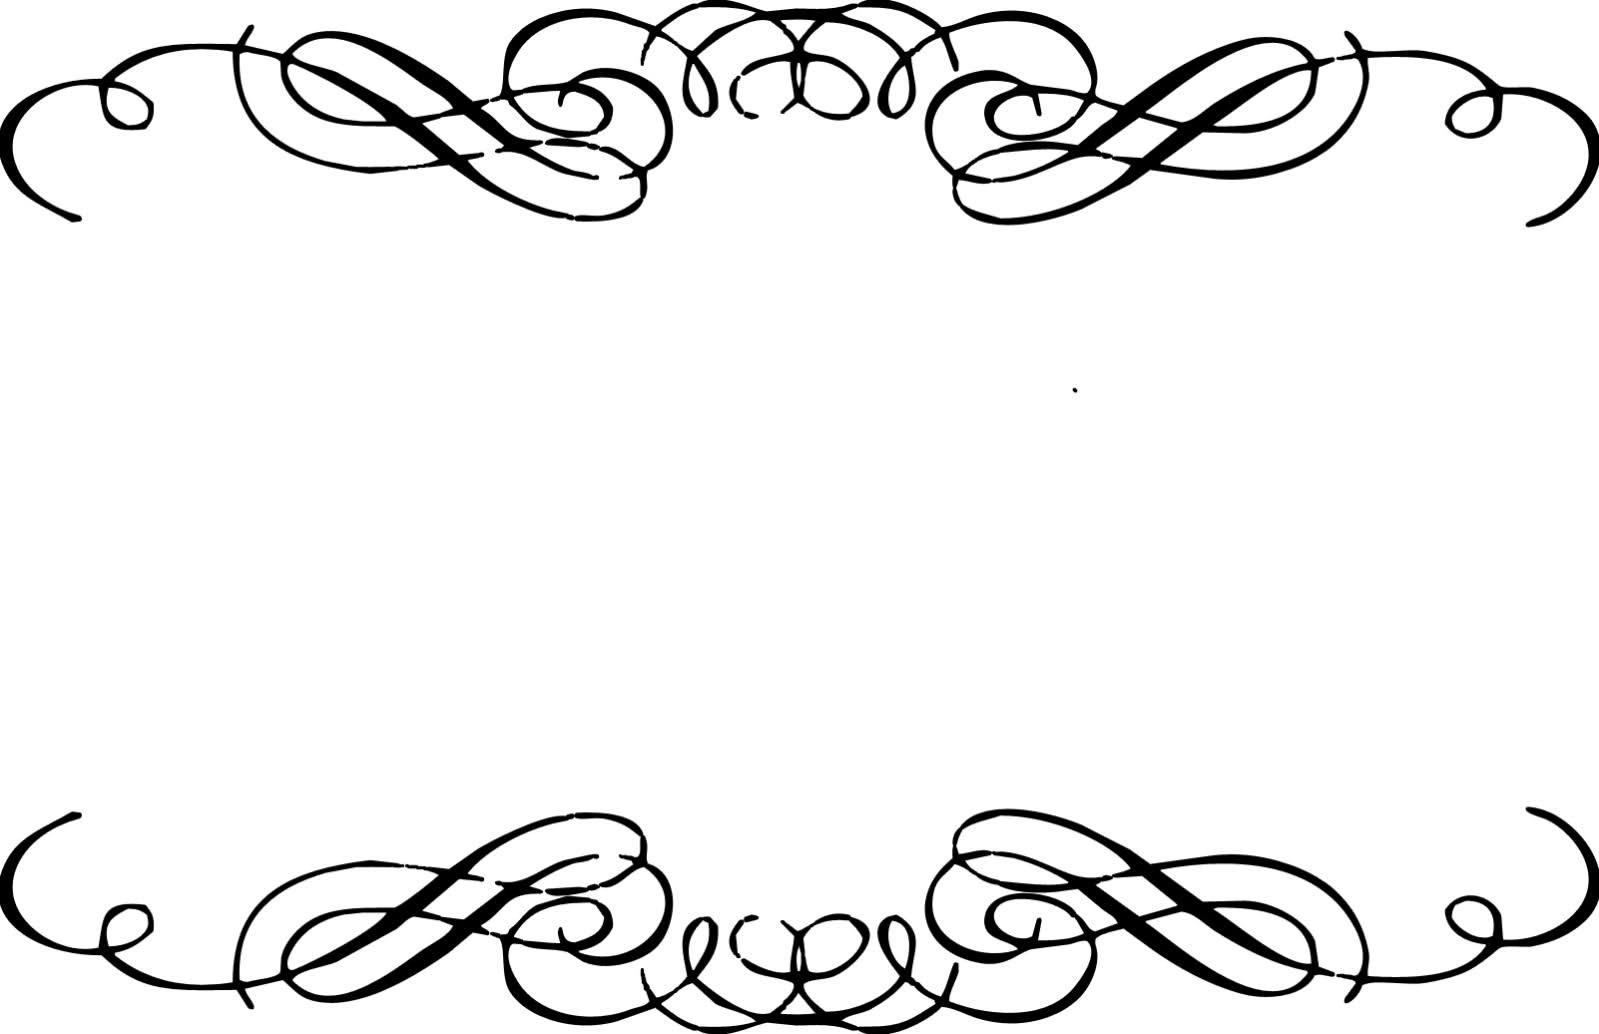 1599x1034 Clip Art Scrolls